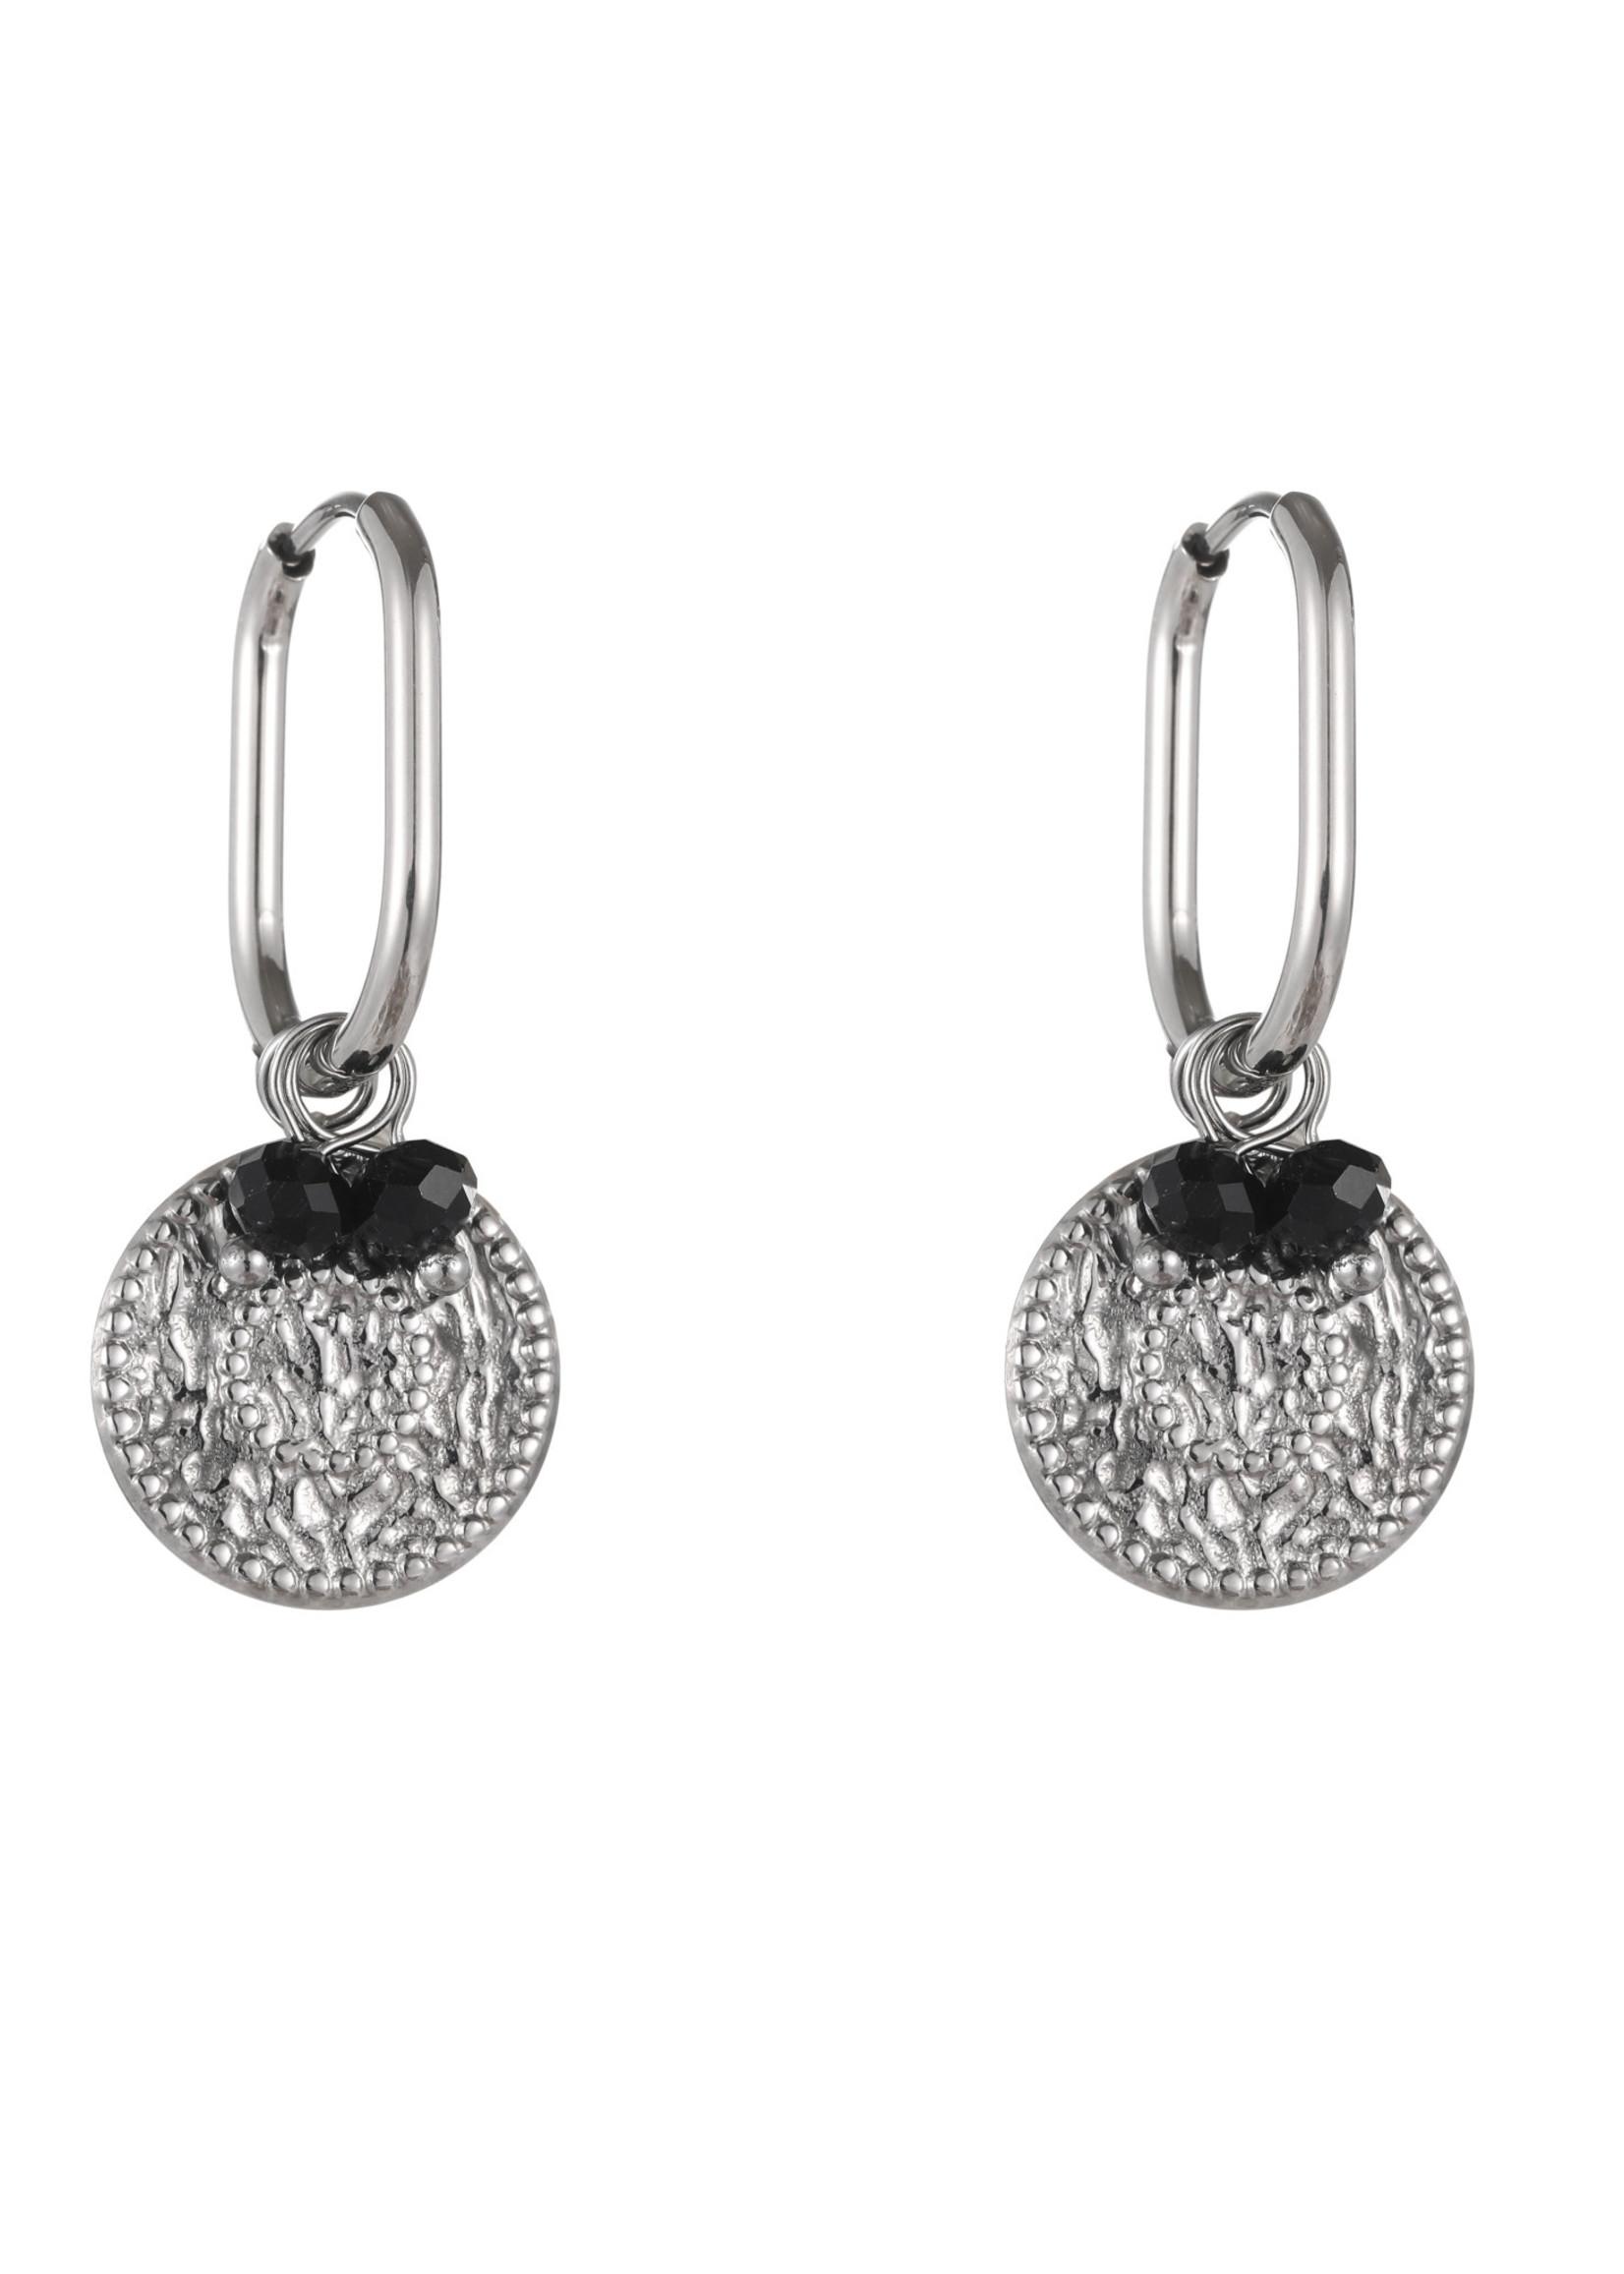 Oorbel zilver met hanger en zwart steentjes E1823-1